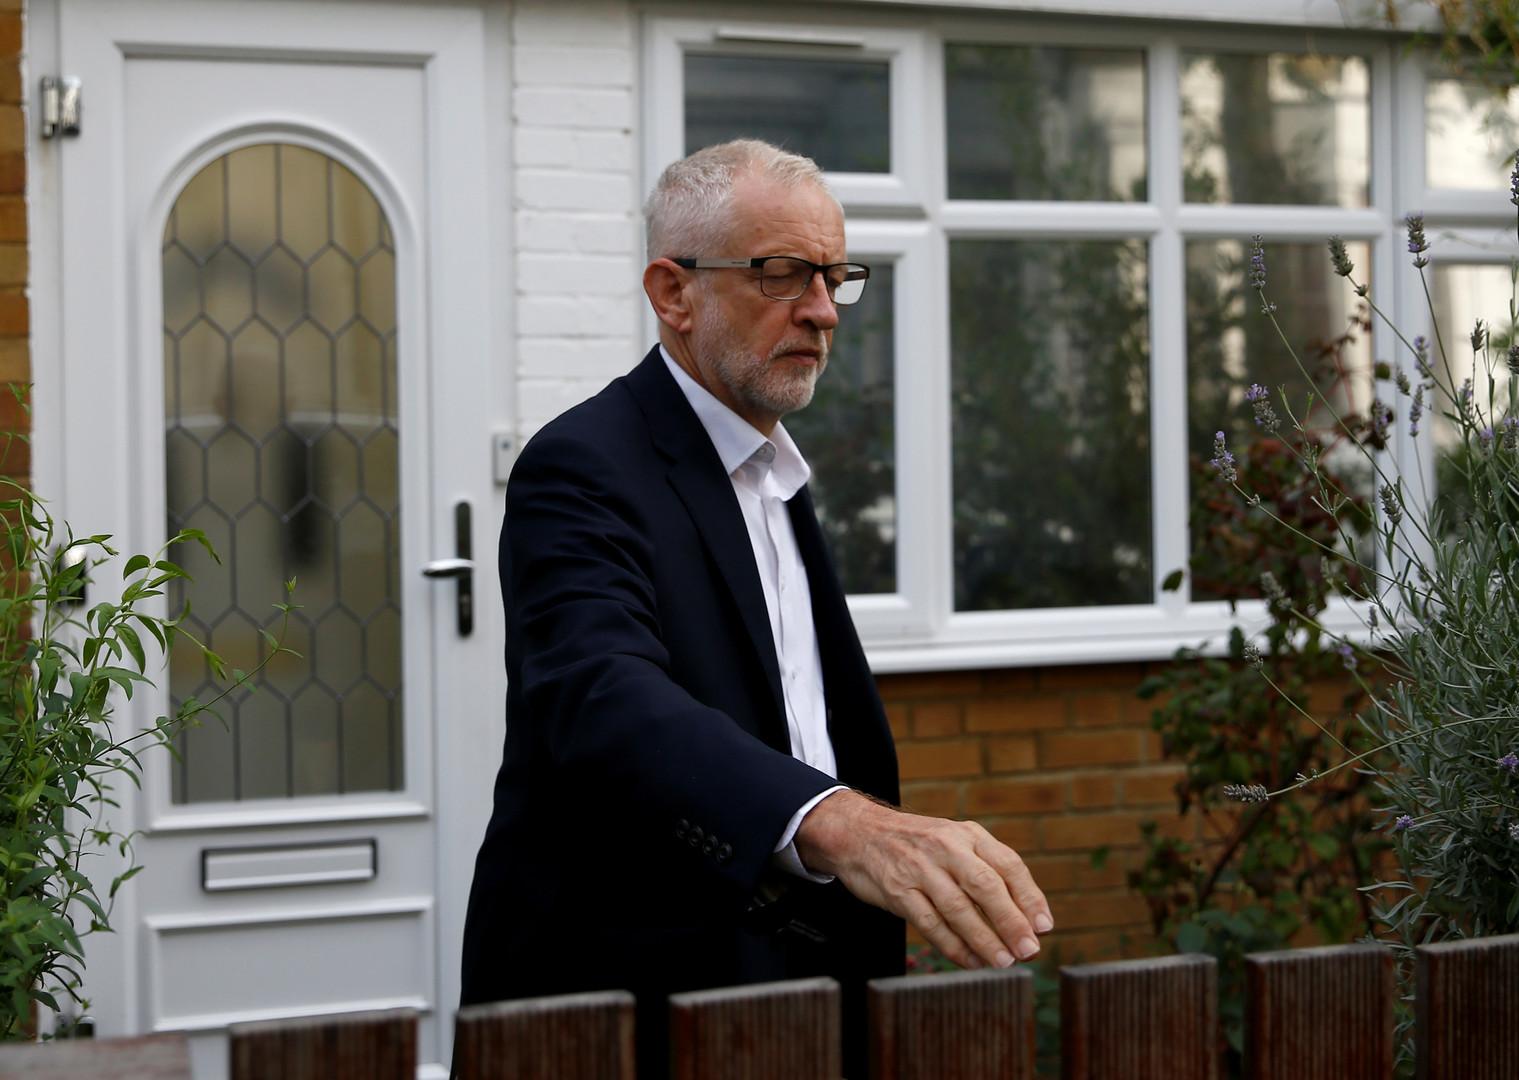 زعيم المعارضة البريطانية يطالب الحكومة بنشر ملف